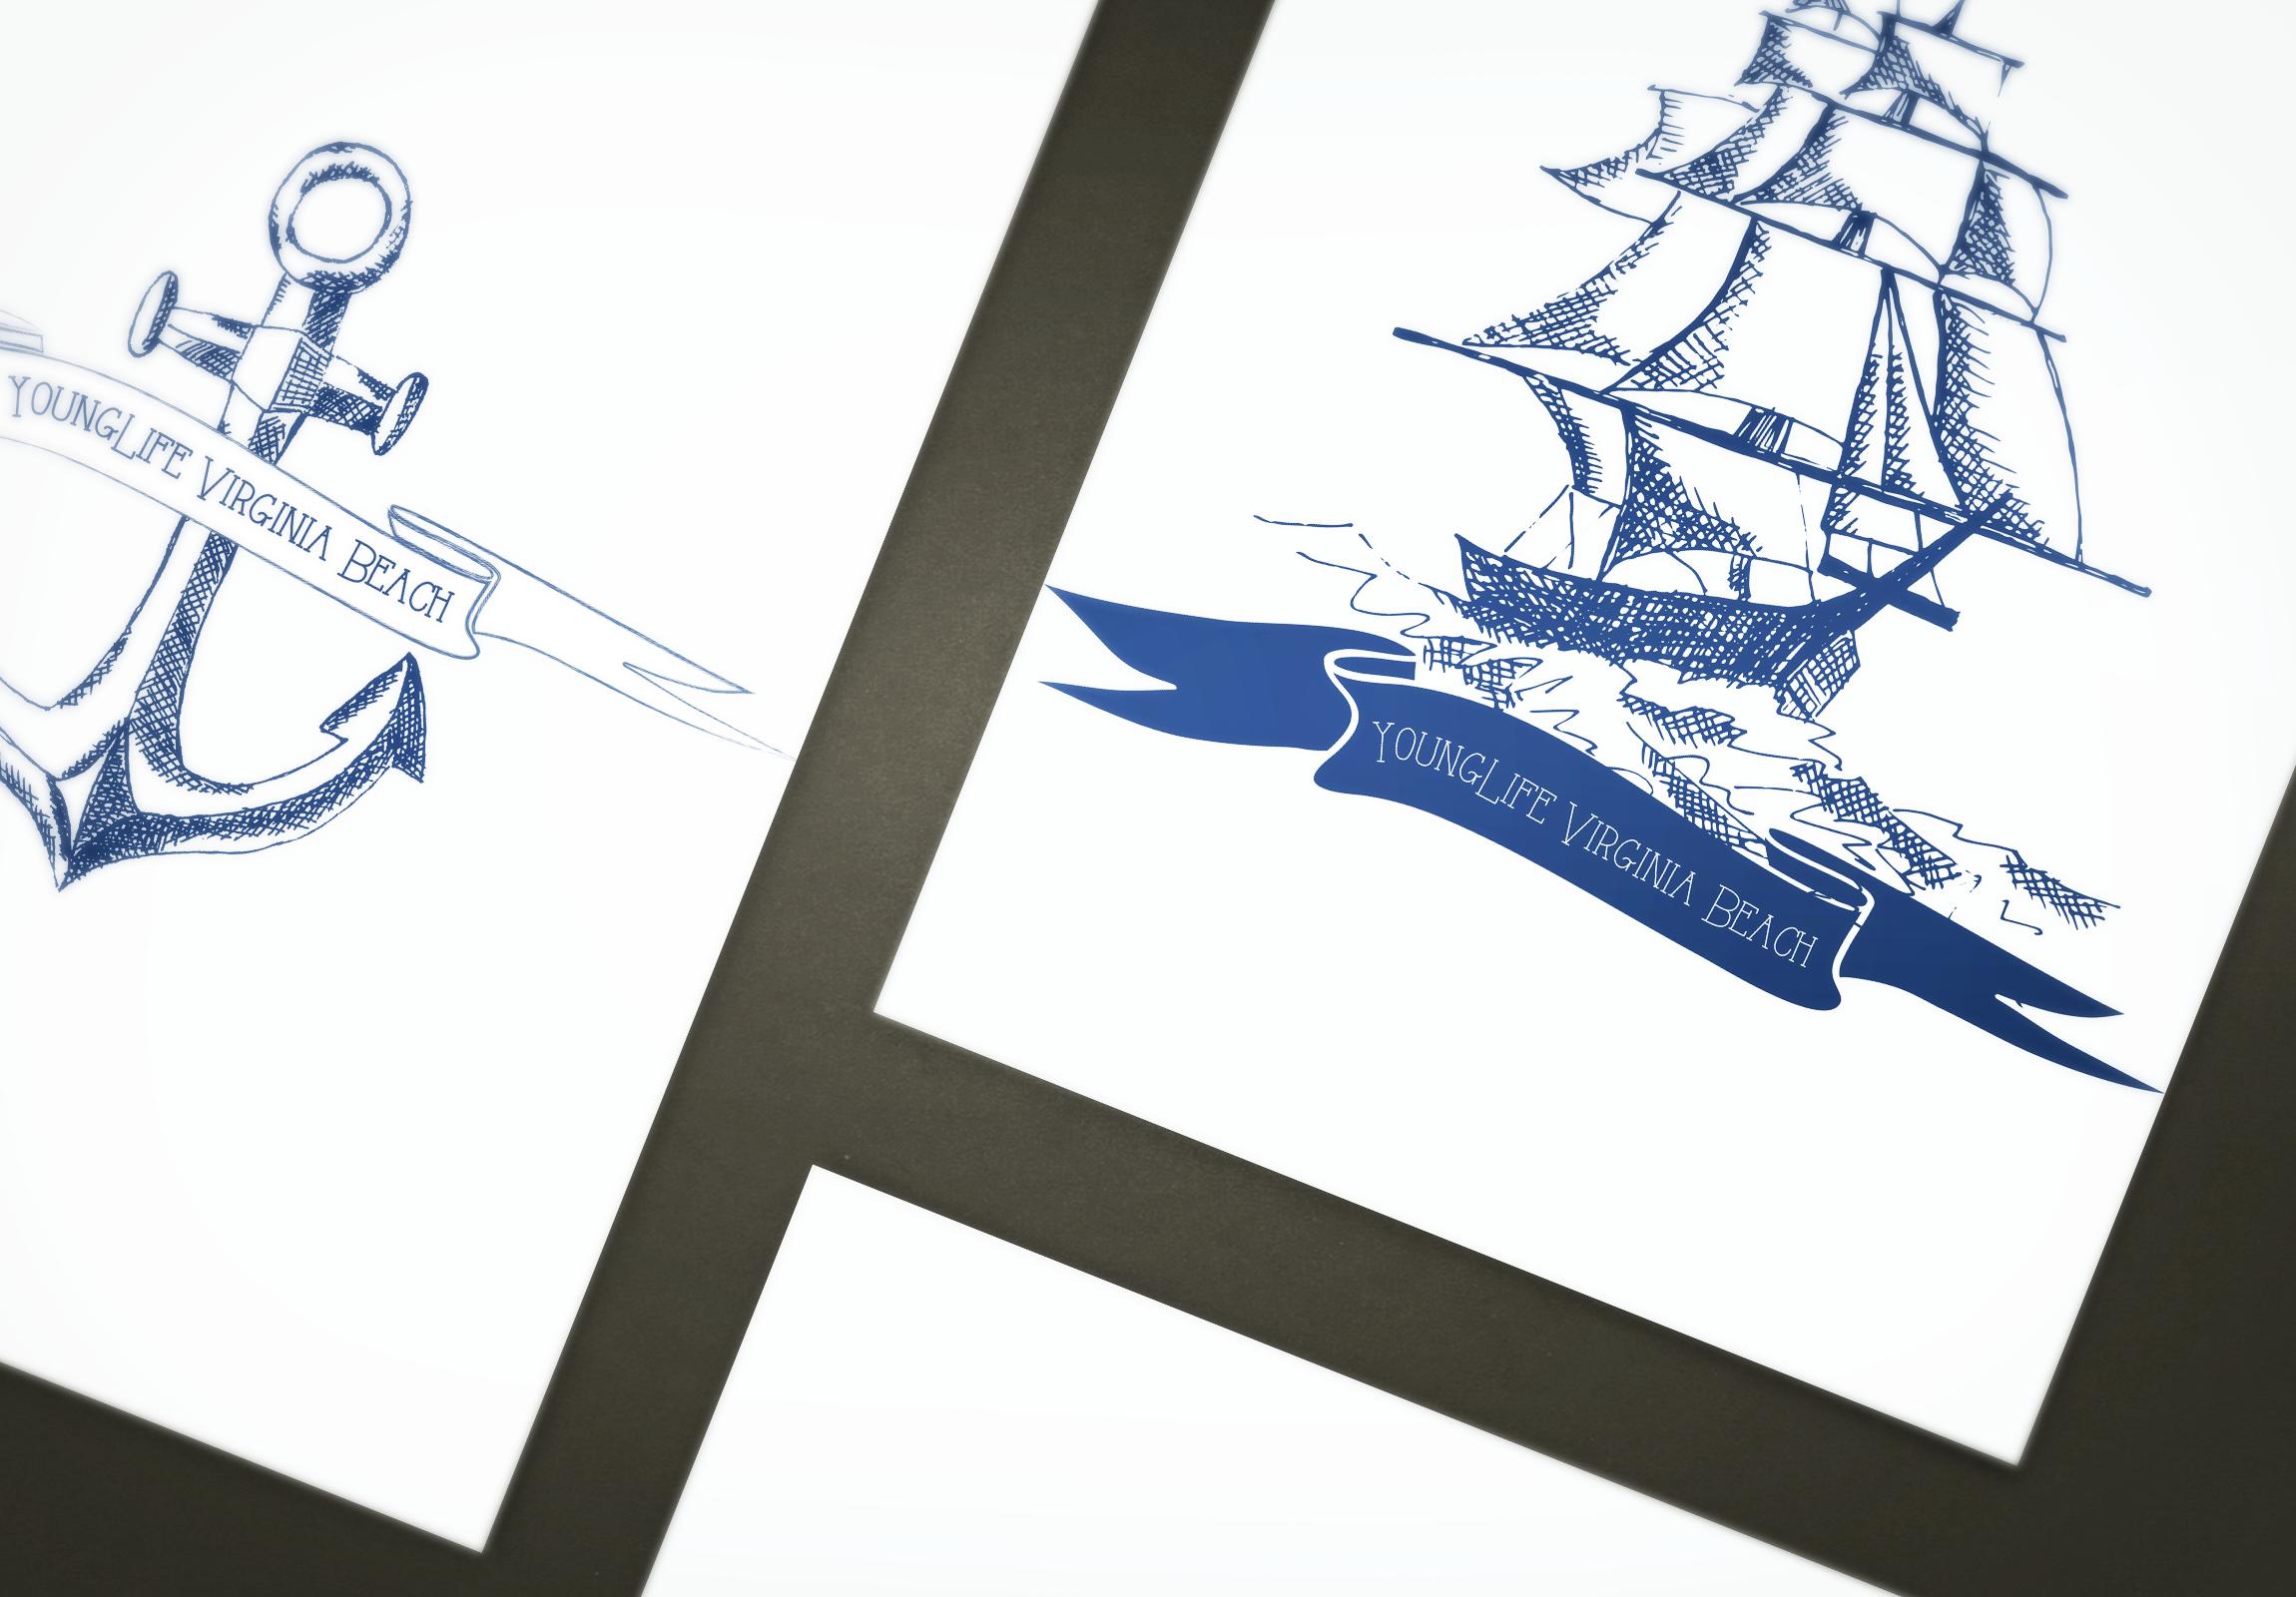 ylvb-ship-illustrations-mock-up.png